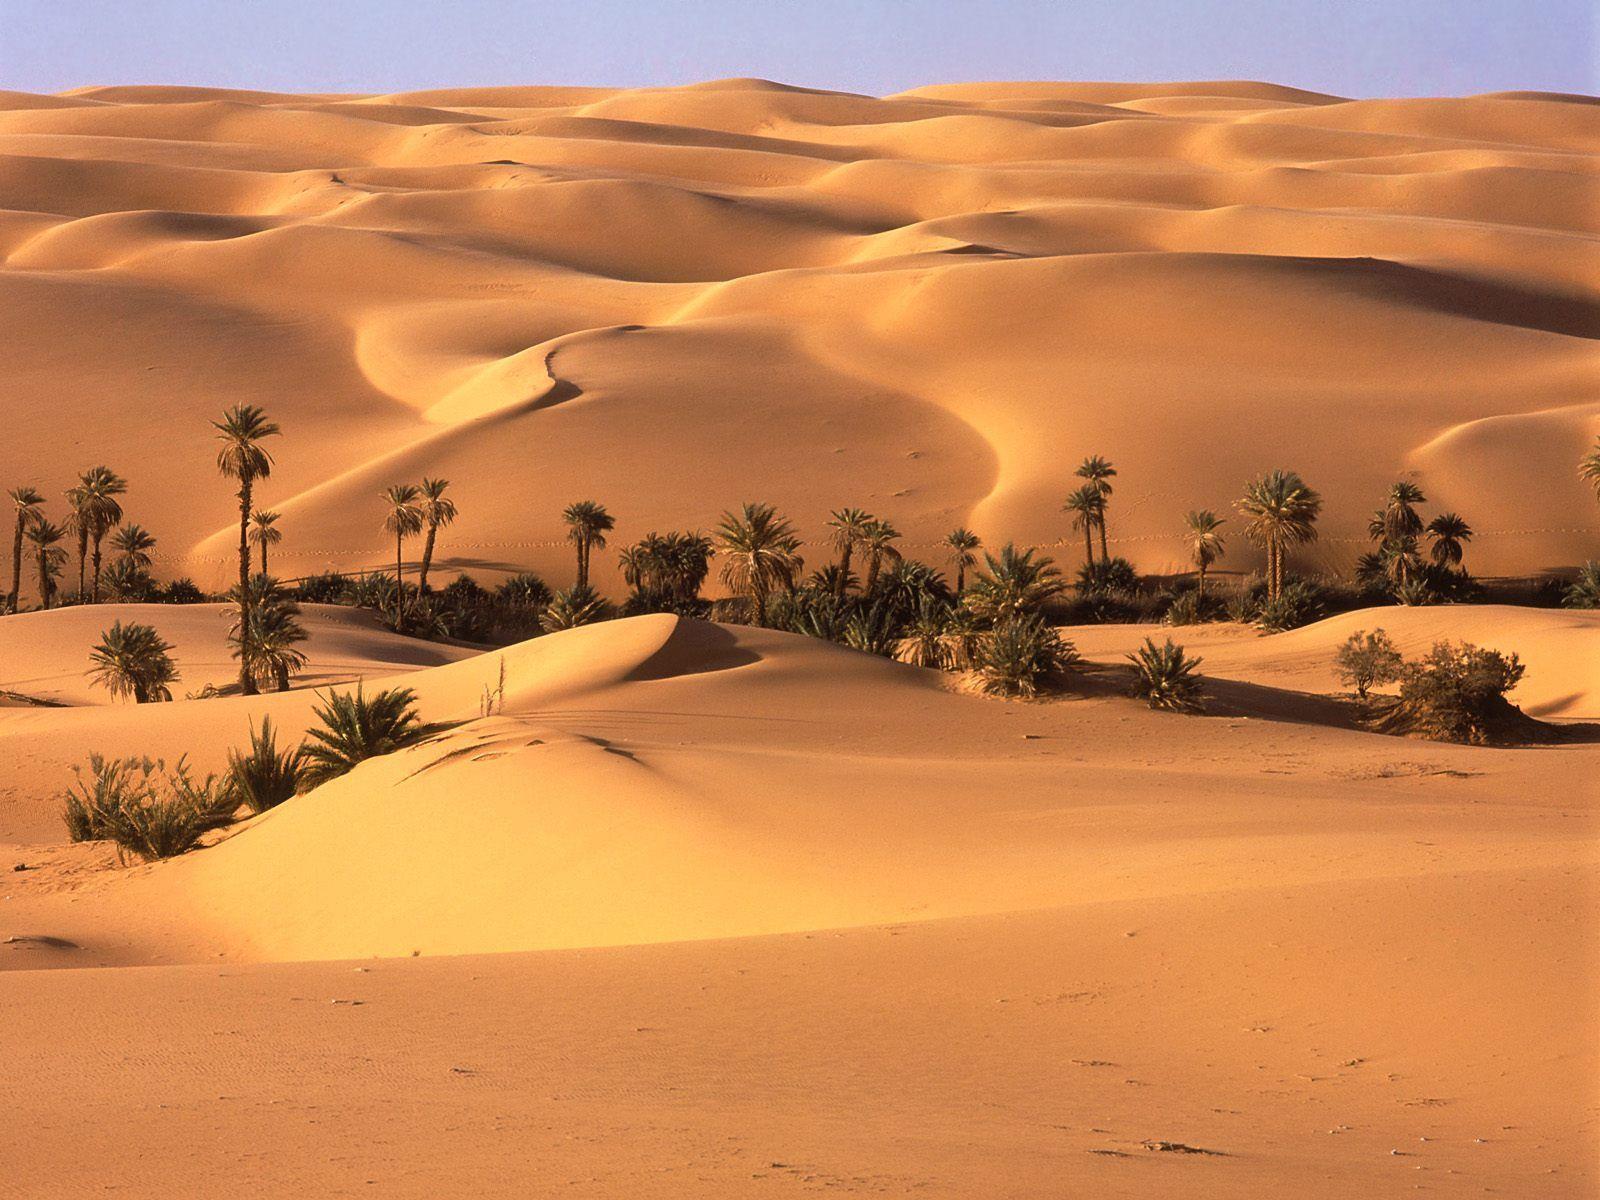 87785 Заставки и Обои Песок на телефон. Скачать Песок, Пальмы, Природа, Деревья, Пустыня, Растительность, Оазис картинки бесплатно